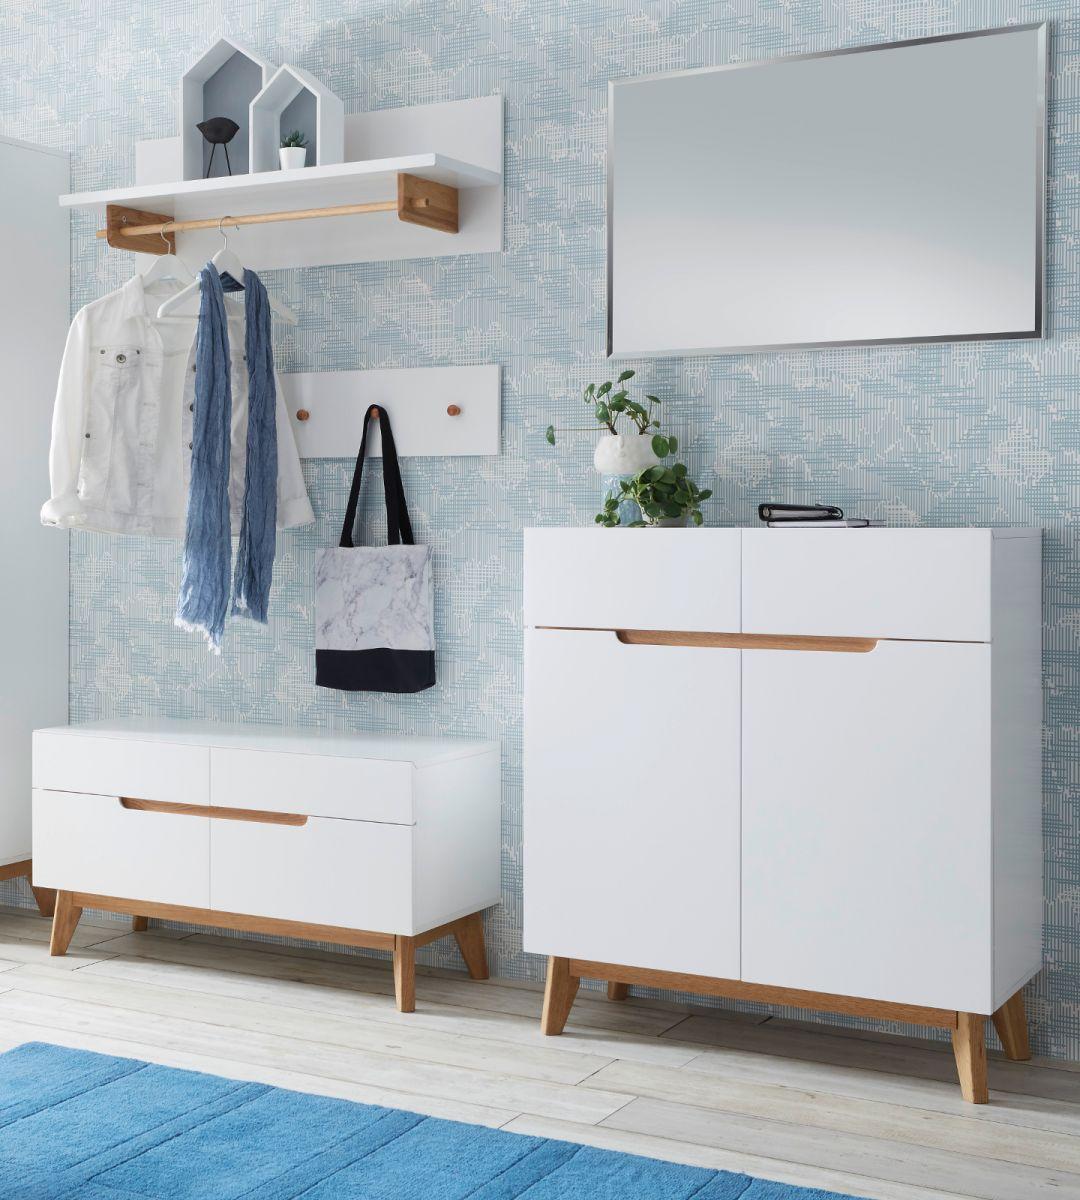 Garderobe Cervo matt weiss Lack und Asteiche Set 5-teilig 197 cm